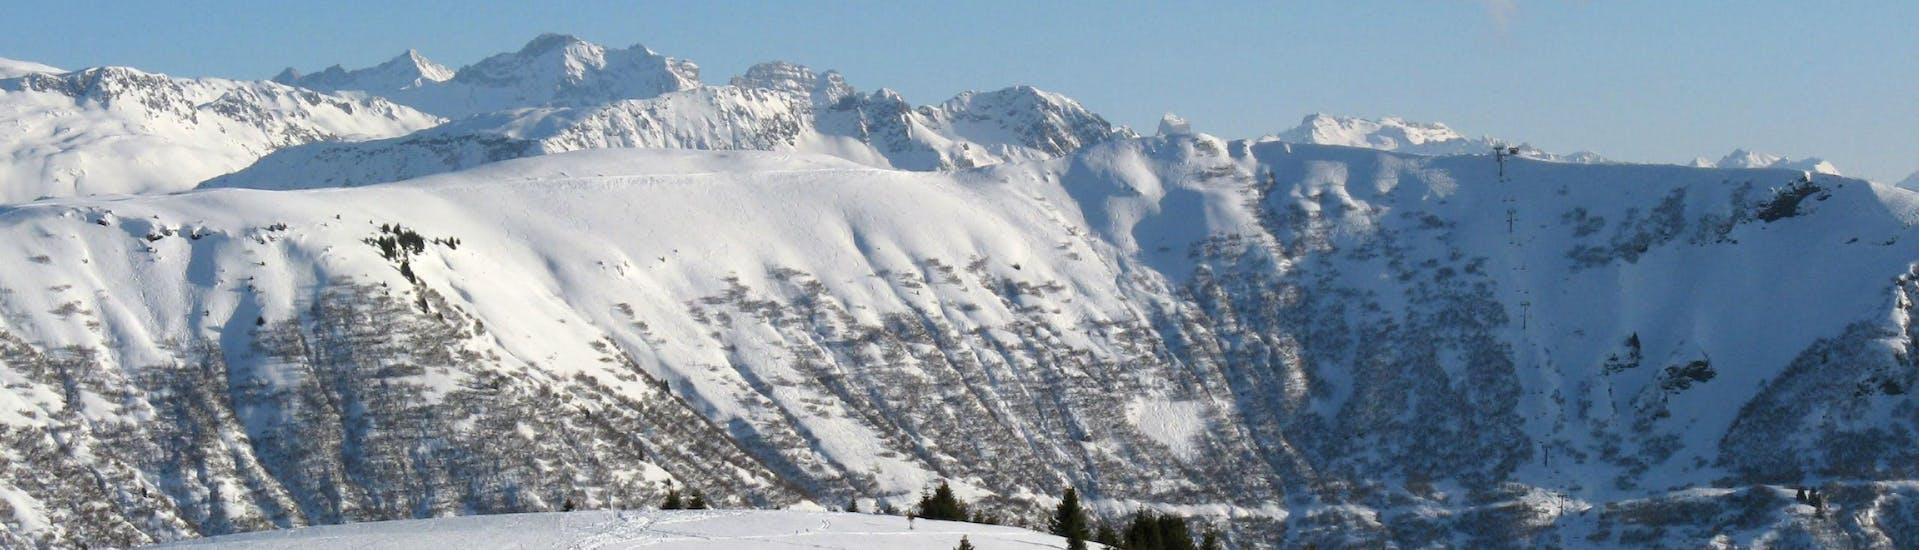 Une vue panoramique des pistes de ski de Praz sur Arly, une station de ski française nichée entre les majestueux sommets du département de la Savoie, où les écoles de ski locales offrent un large choix de cours de ski.